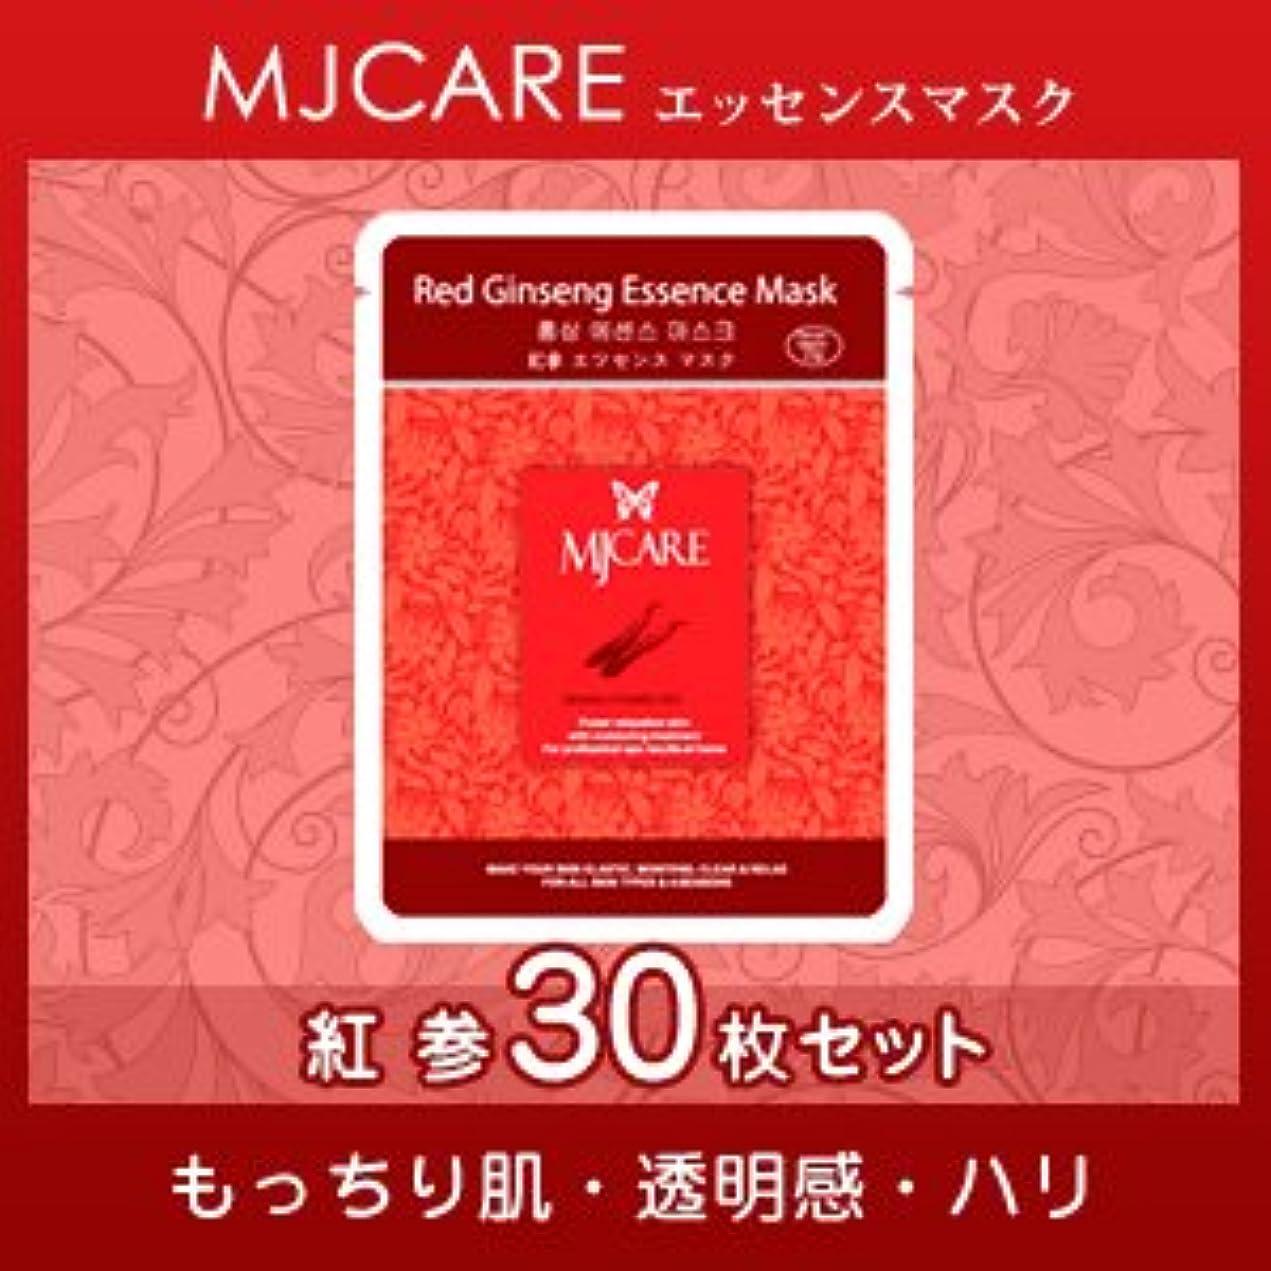 オリエンテーション一握り効率MJCARE (エムジェイケア) 紅参 エッセンスマスク 30セット